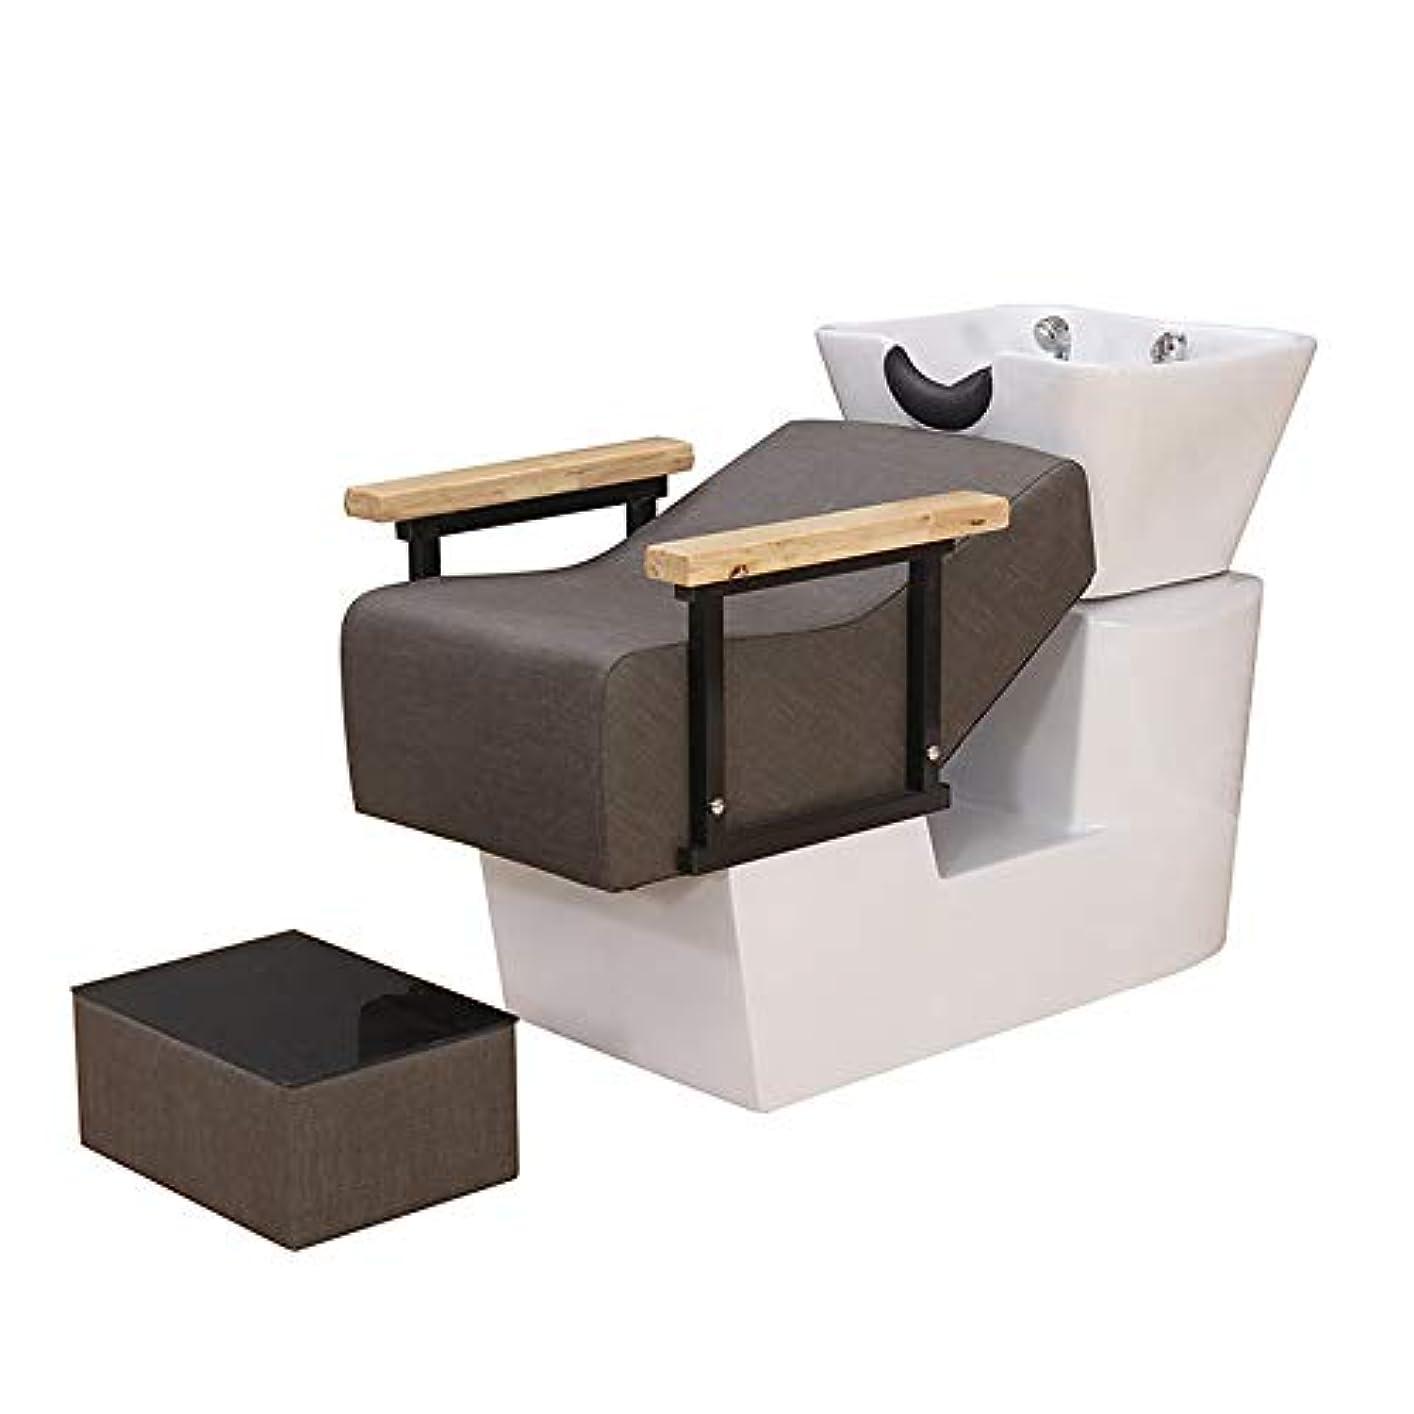 浸すキロメートル夫シャンプーチェア、逆洗ユニットシャンプーボウル理髪シンクシンクチェア用スパ美容院機器用半埋め込みフラッシュベッド